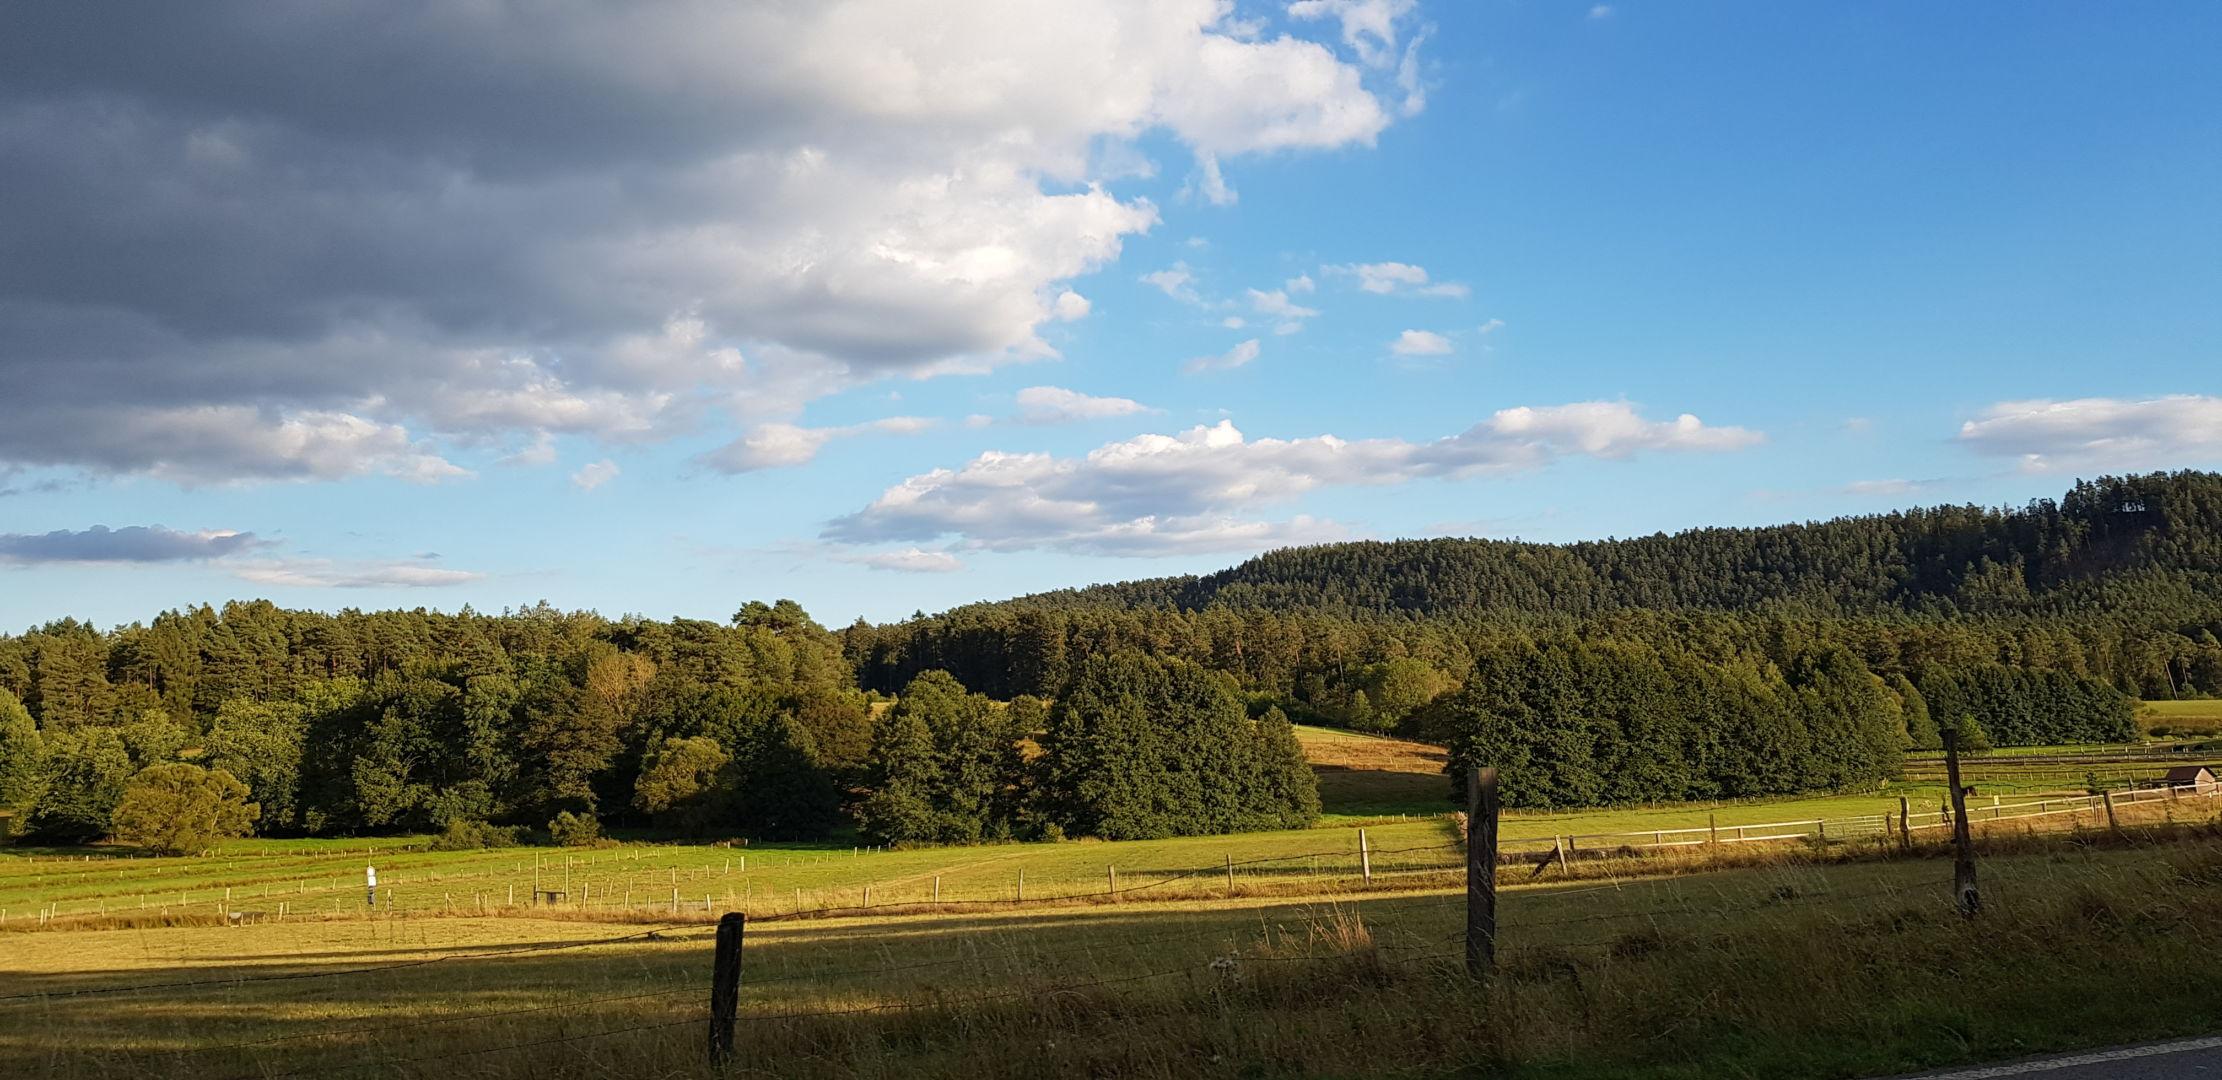 Der herbstliche Wald in Nordhessen